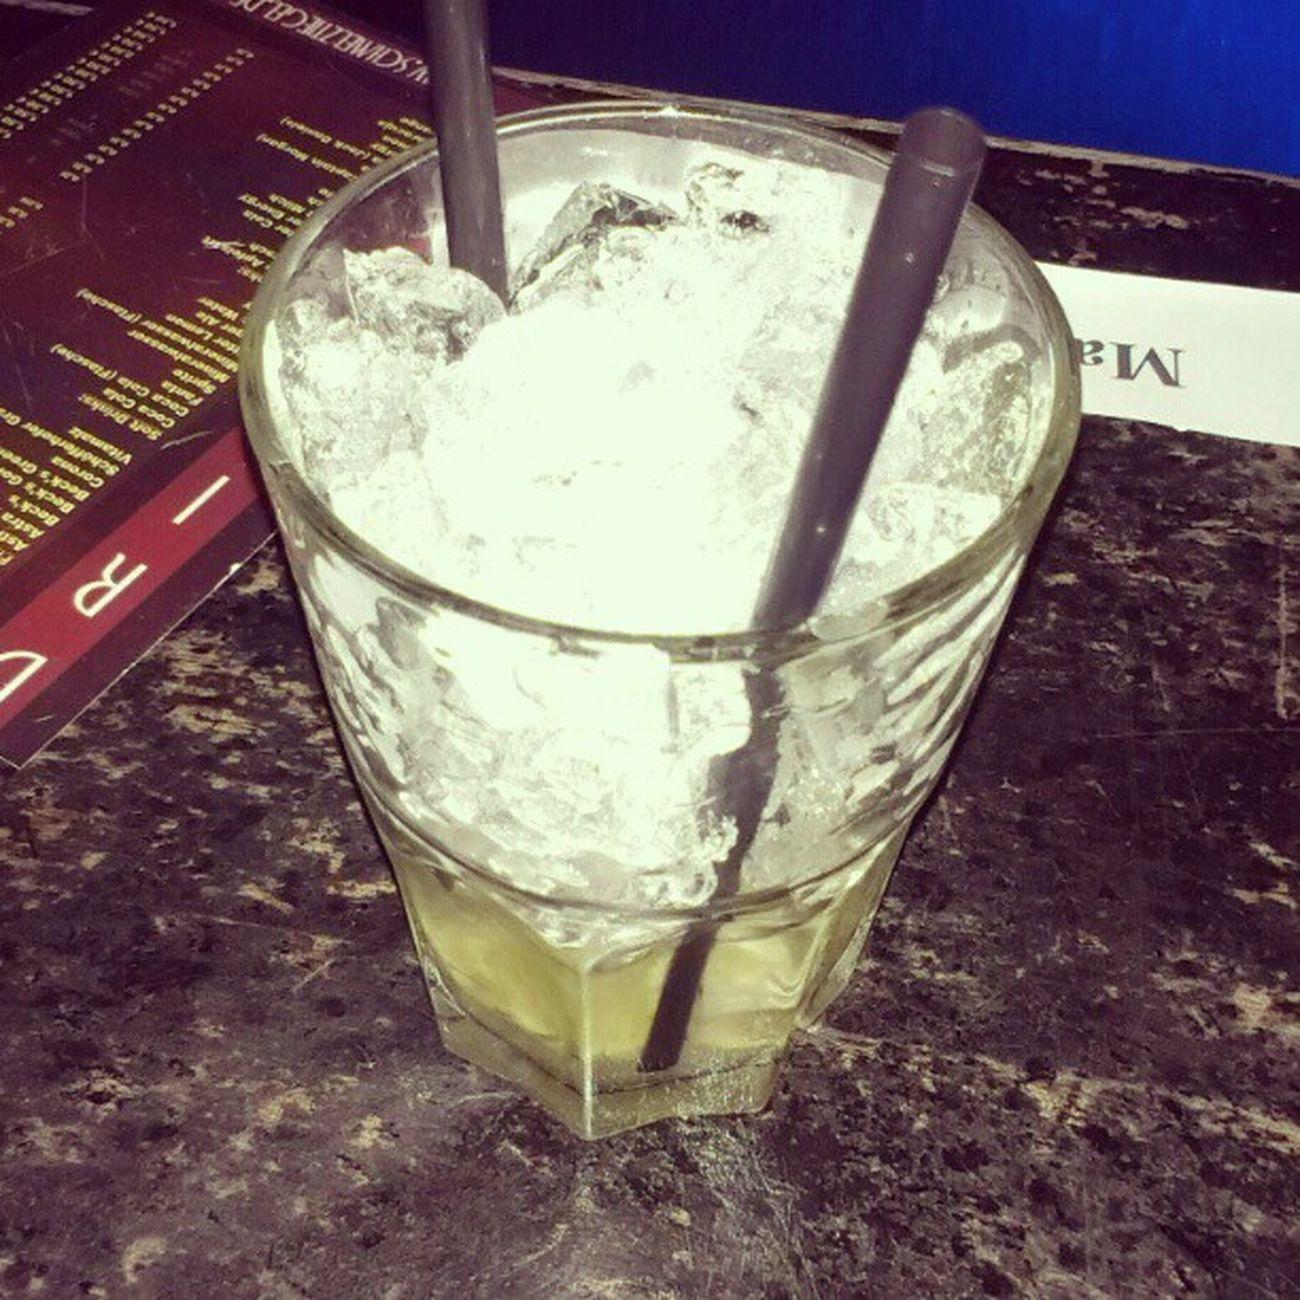 Auf gehts! Cocktails 1,50 :D geile Cocktails! #schmelztiegel #koeln Koeln Schmelztiegel